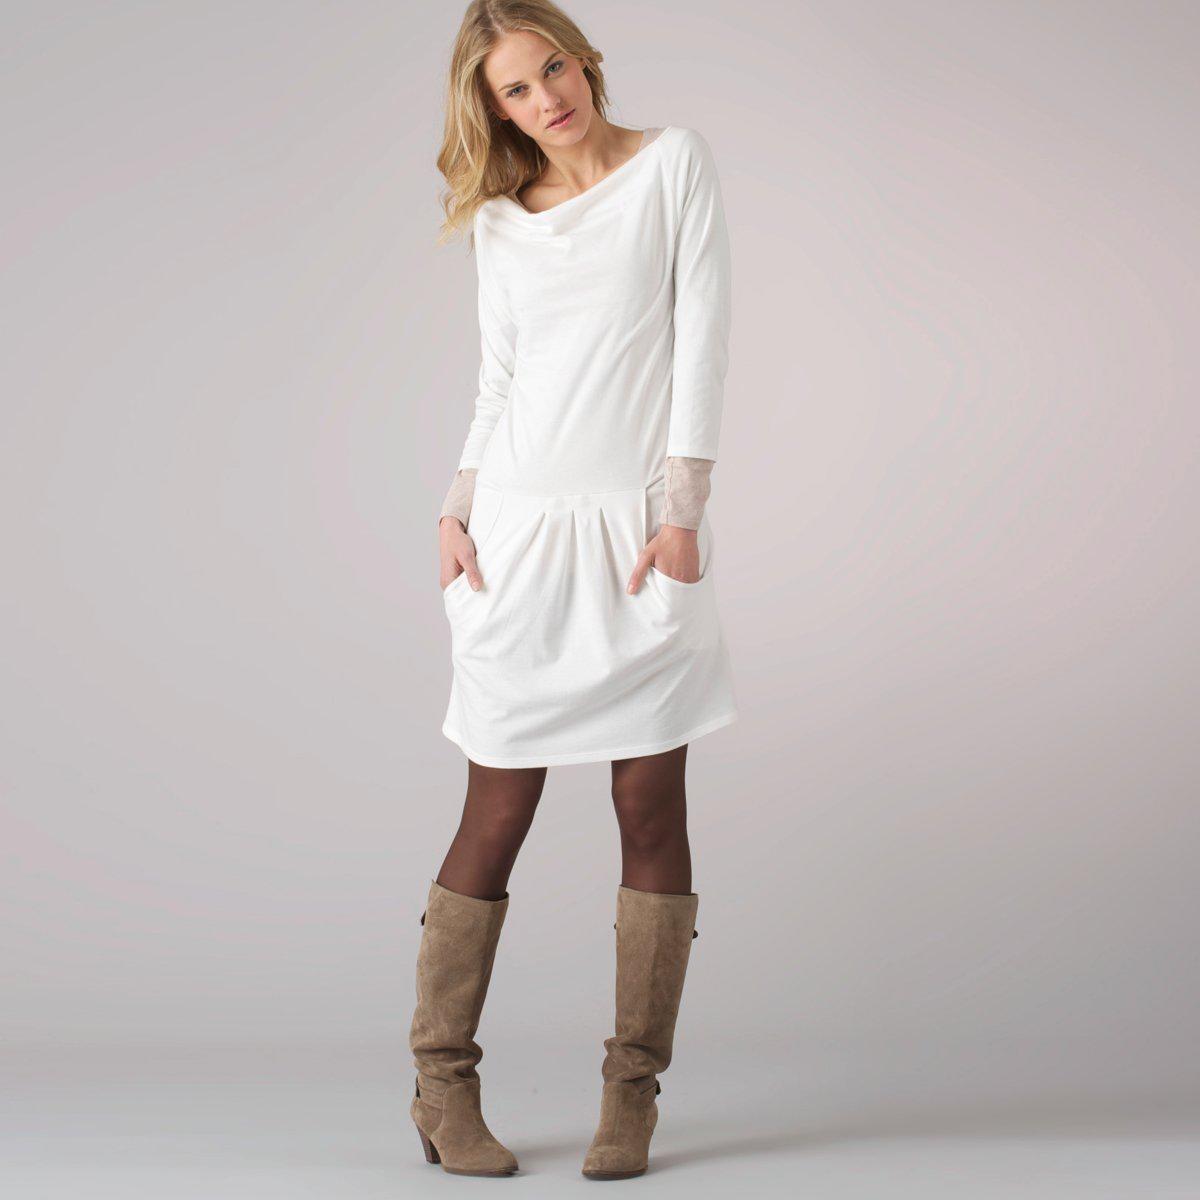 vestidos cortos casuales vestidos cortos vestidos casuales imagenes de vestidos cortos casuales fotos de vestidos cortos fotos de vestidos casuales  vestidos de novia